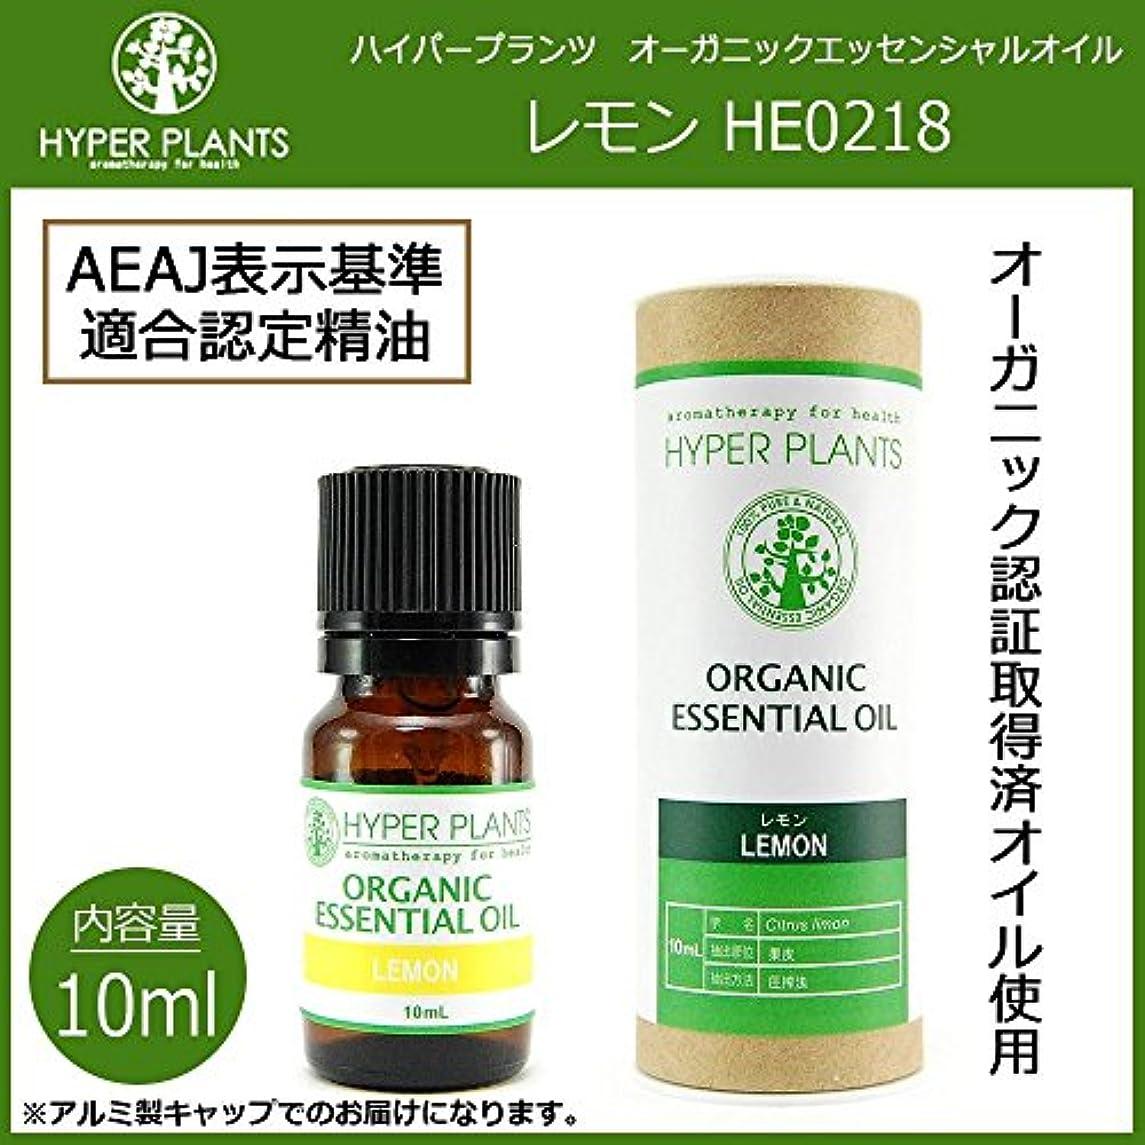 抵抗するハンマーどうやらHYPER PLANTS ハイパープランツ オーガニックエッセンシャルオイル レモン 10ml HE0218